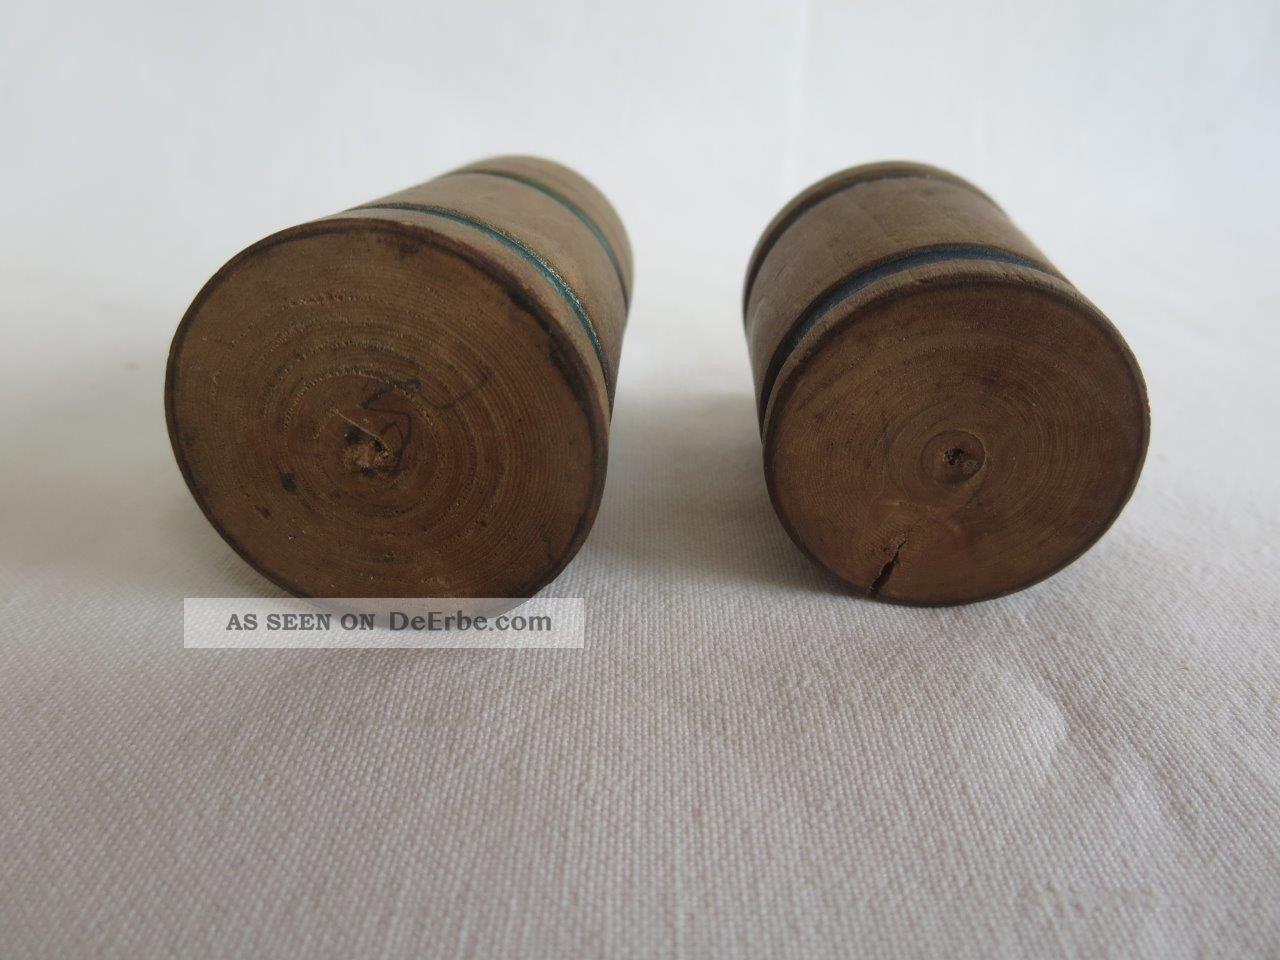 2 Uralte Holzgefäße Für Die Pk,  Erzgebirge Gedrechselt,  Um 1900 Original, gefertigt vor 1970 Bild